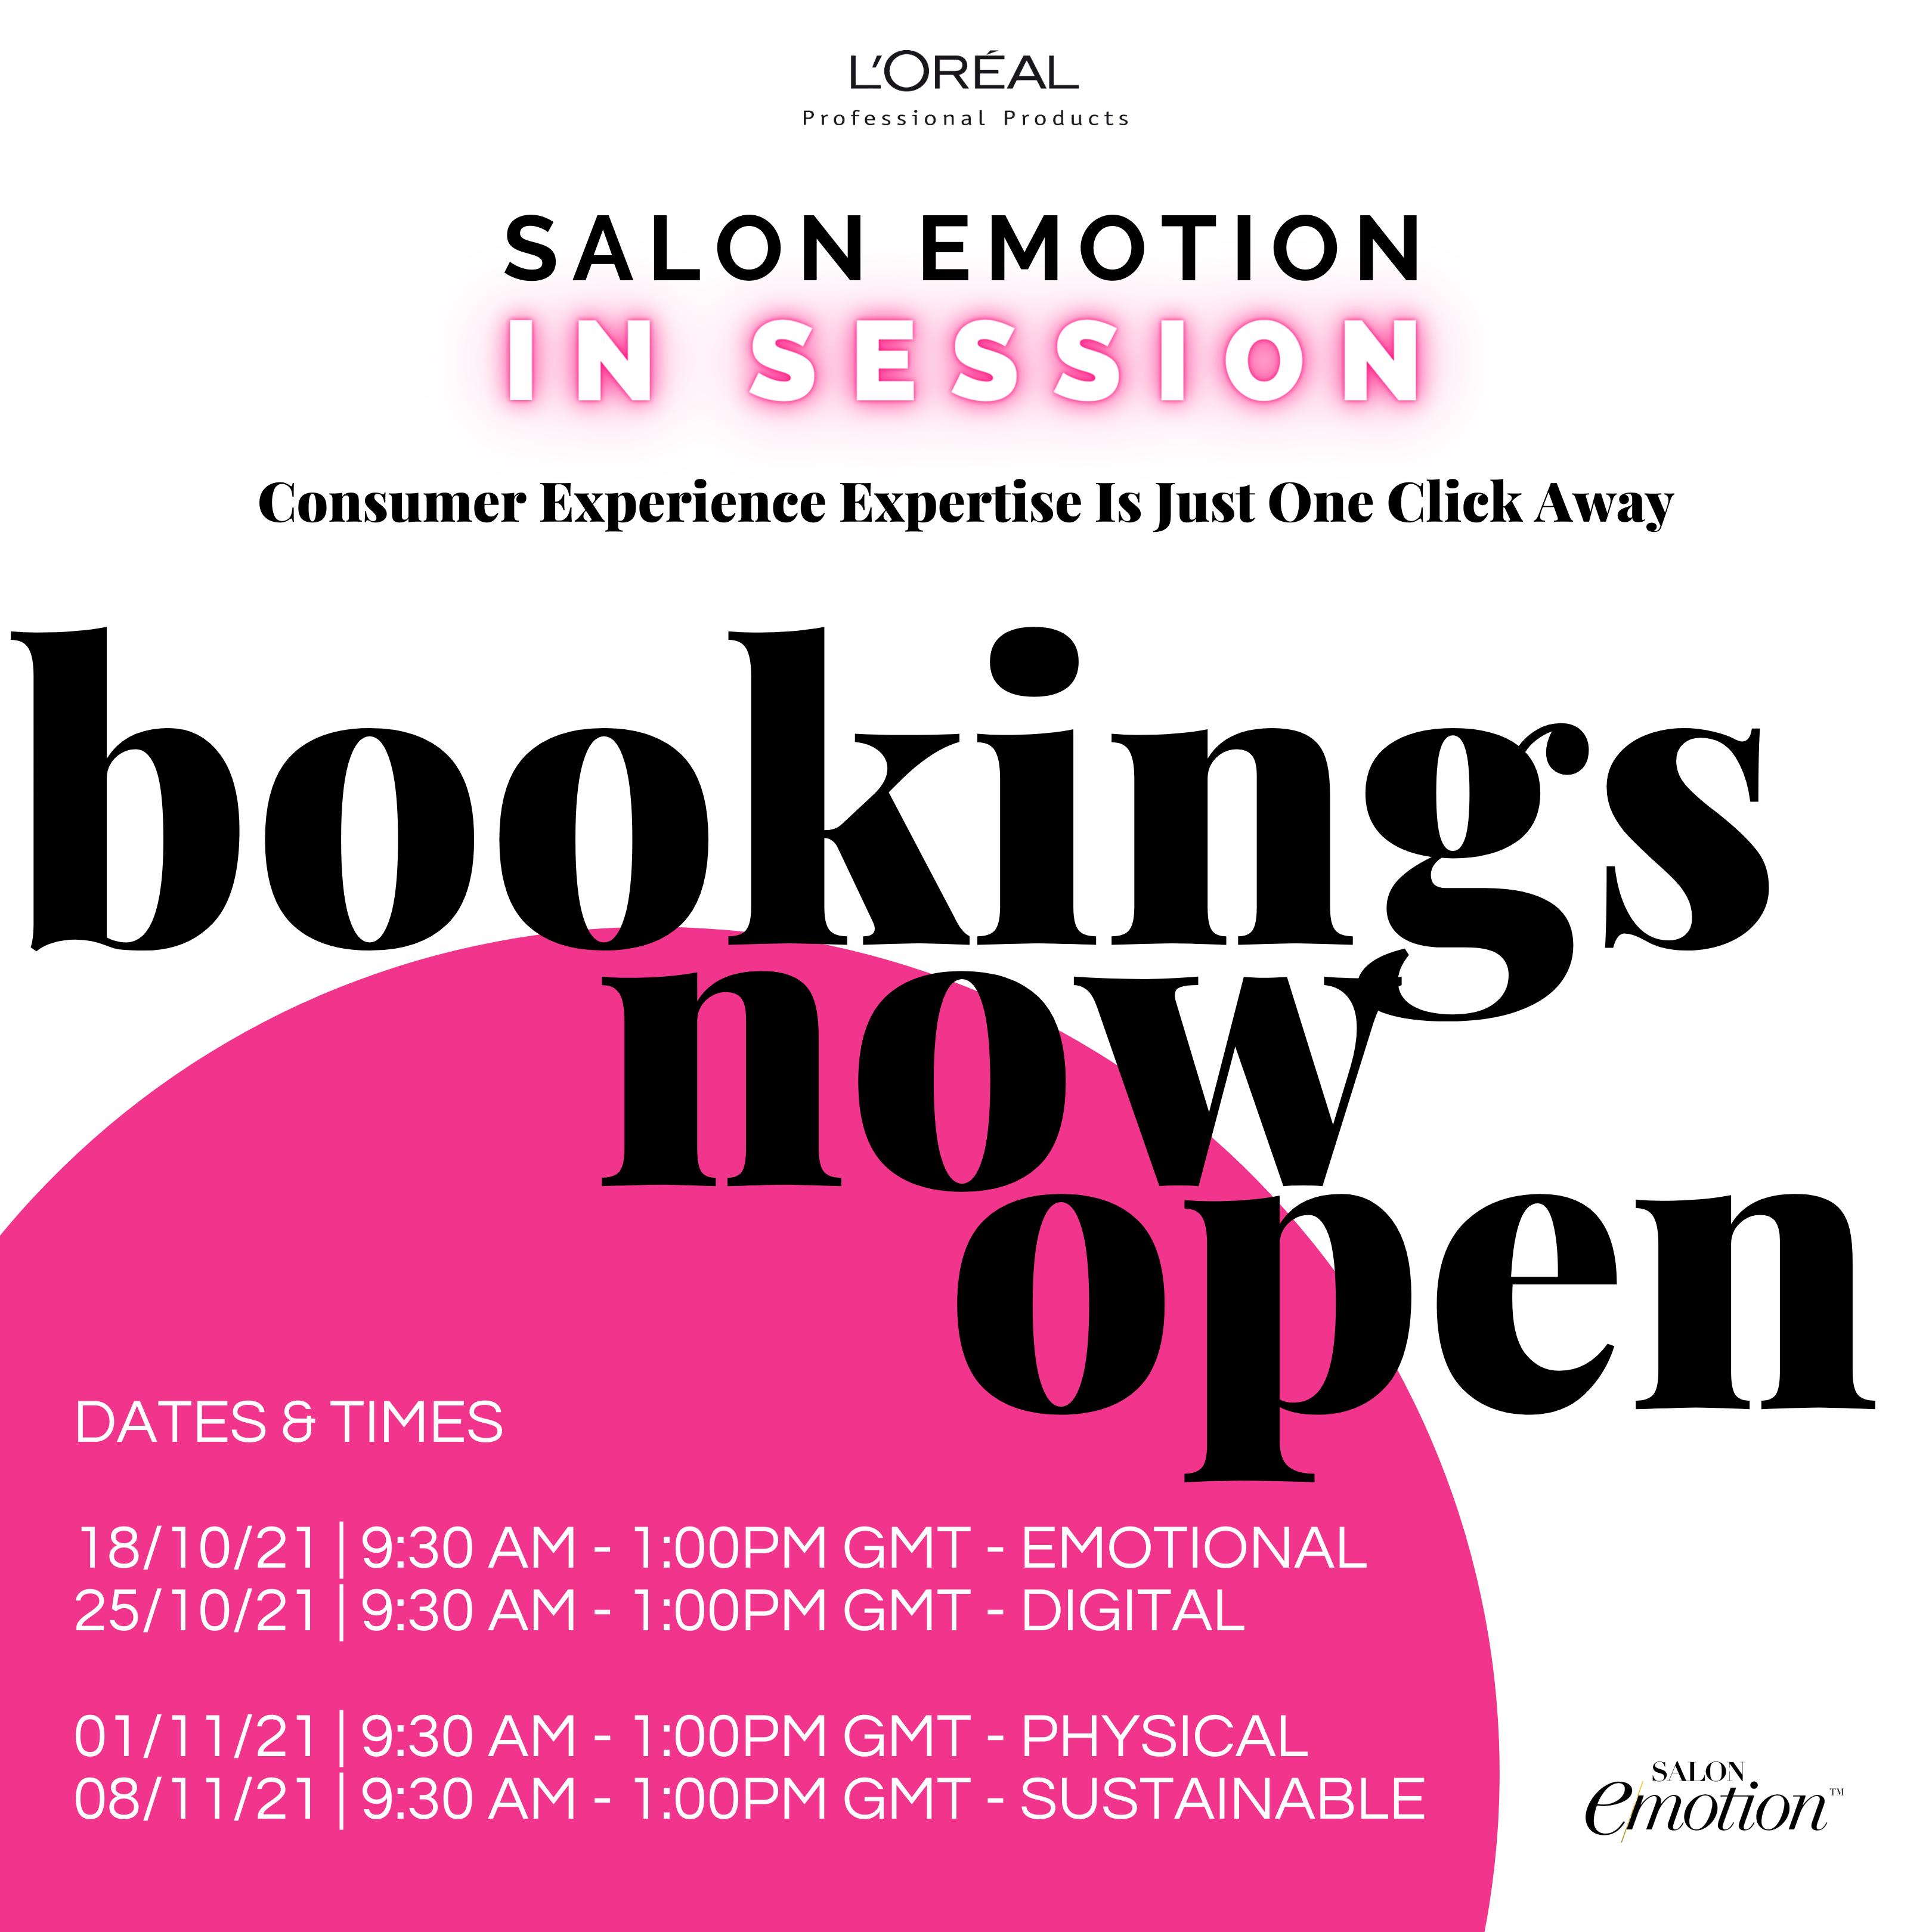 L'Oréal Professional Products Division's Salon Emotion